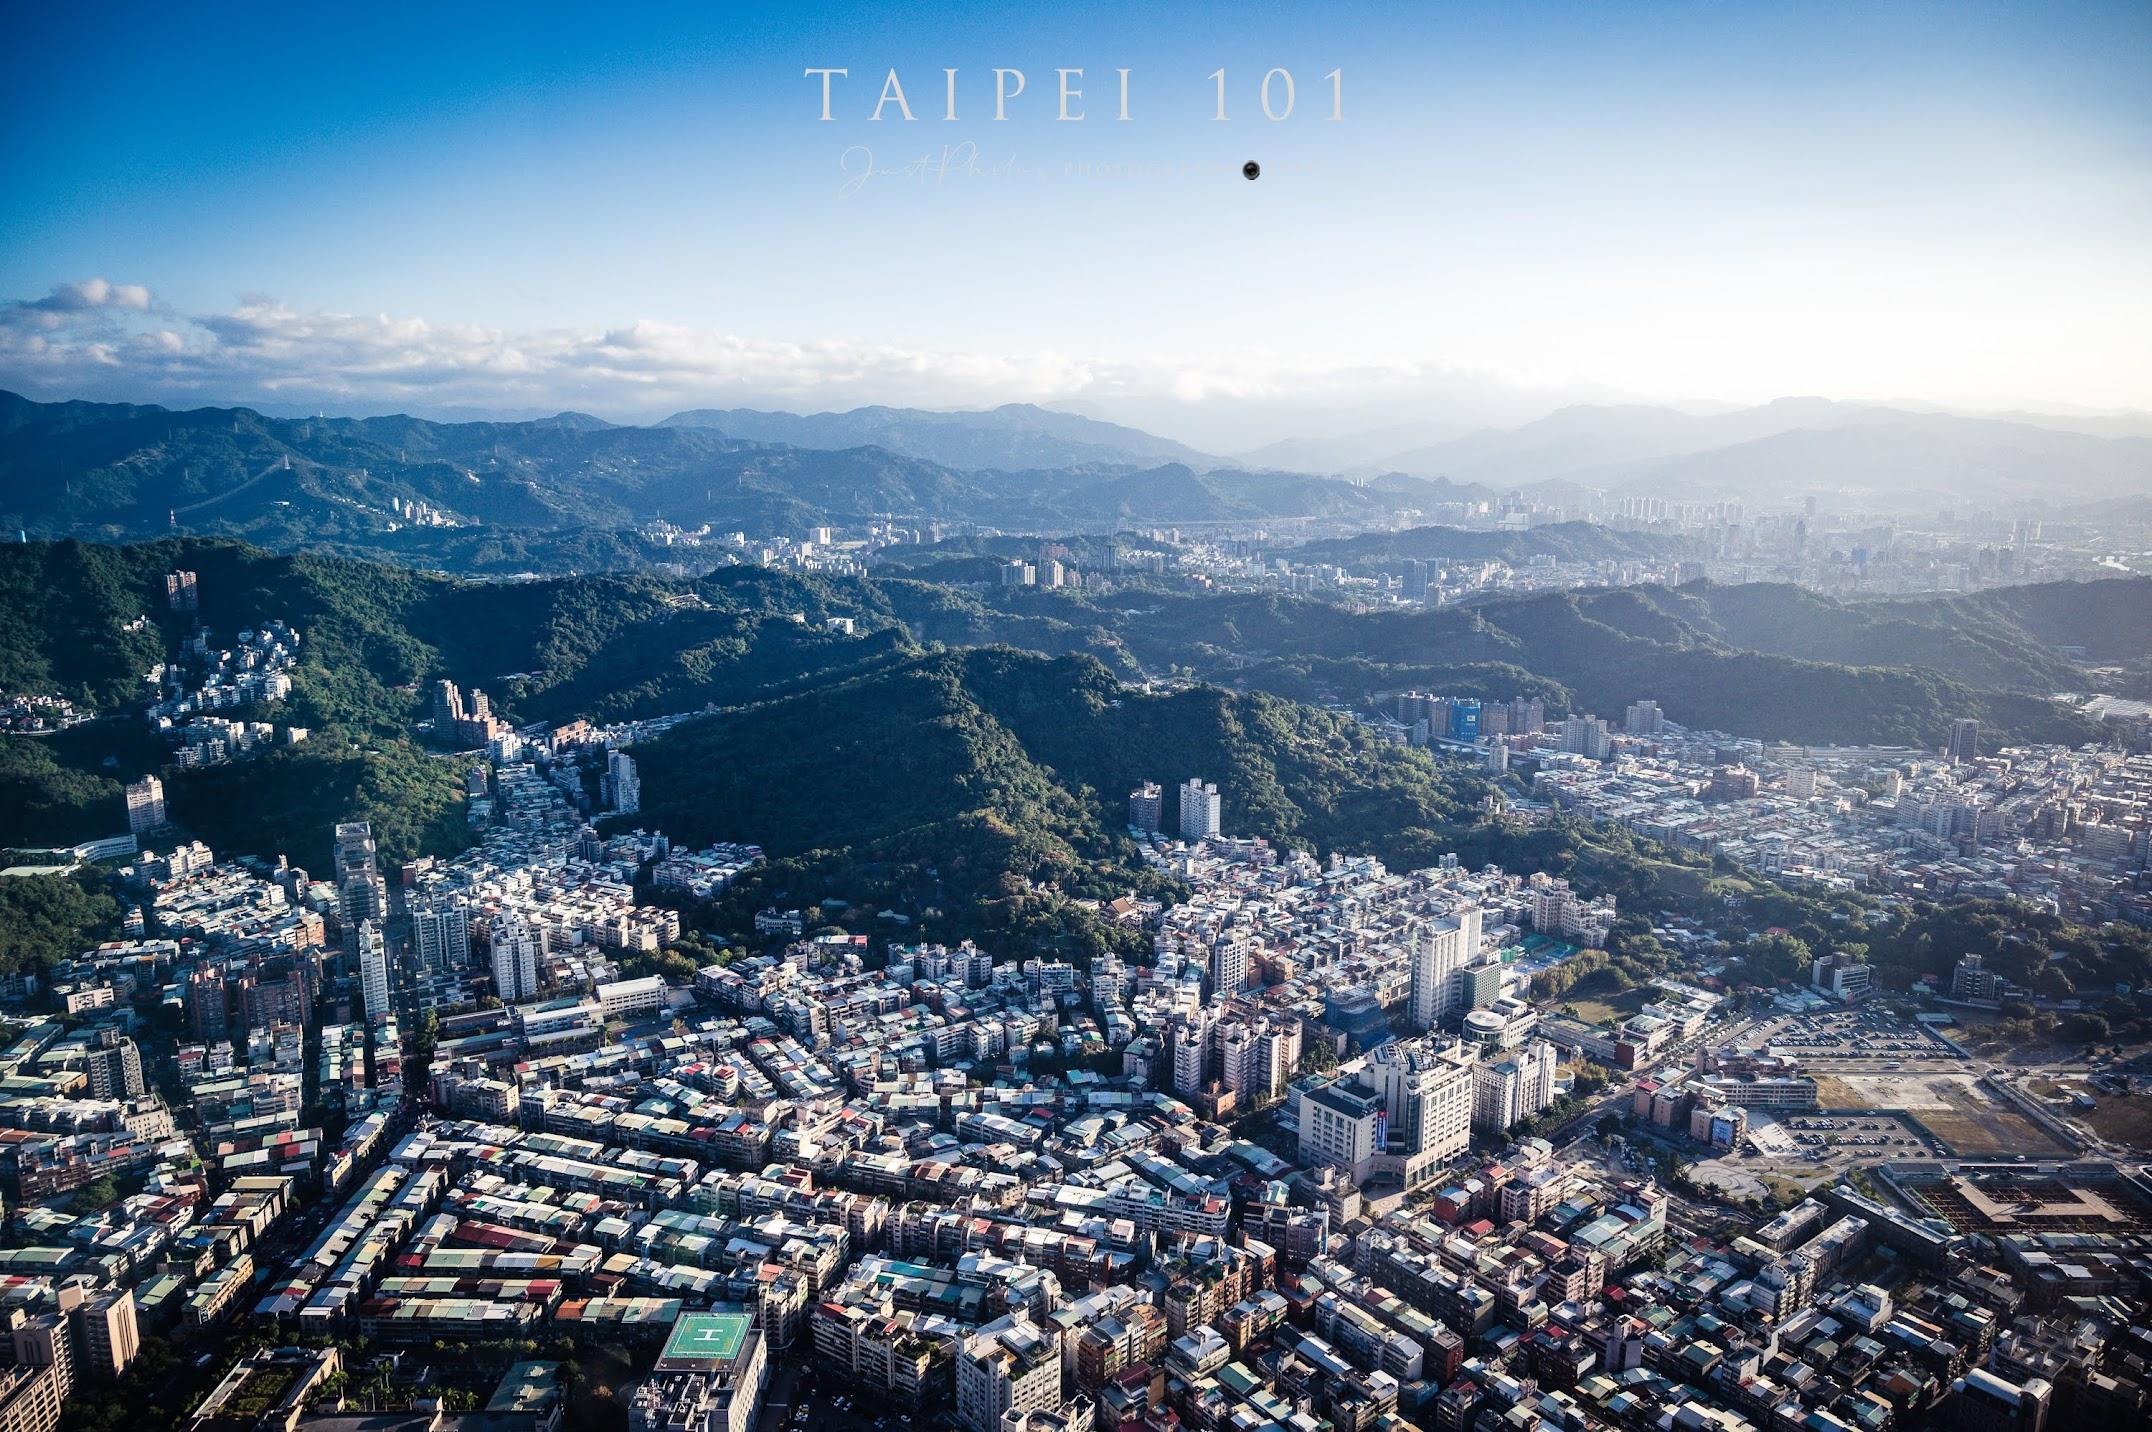 從台北101觀景台也可以看到台北盆地周圍層層的山巒,在能見度好的時候非常的迷人。